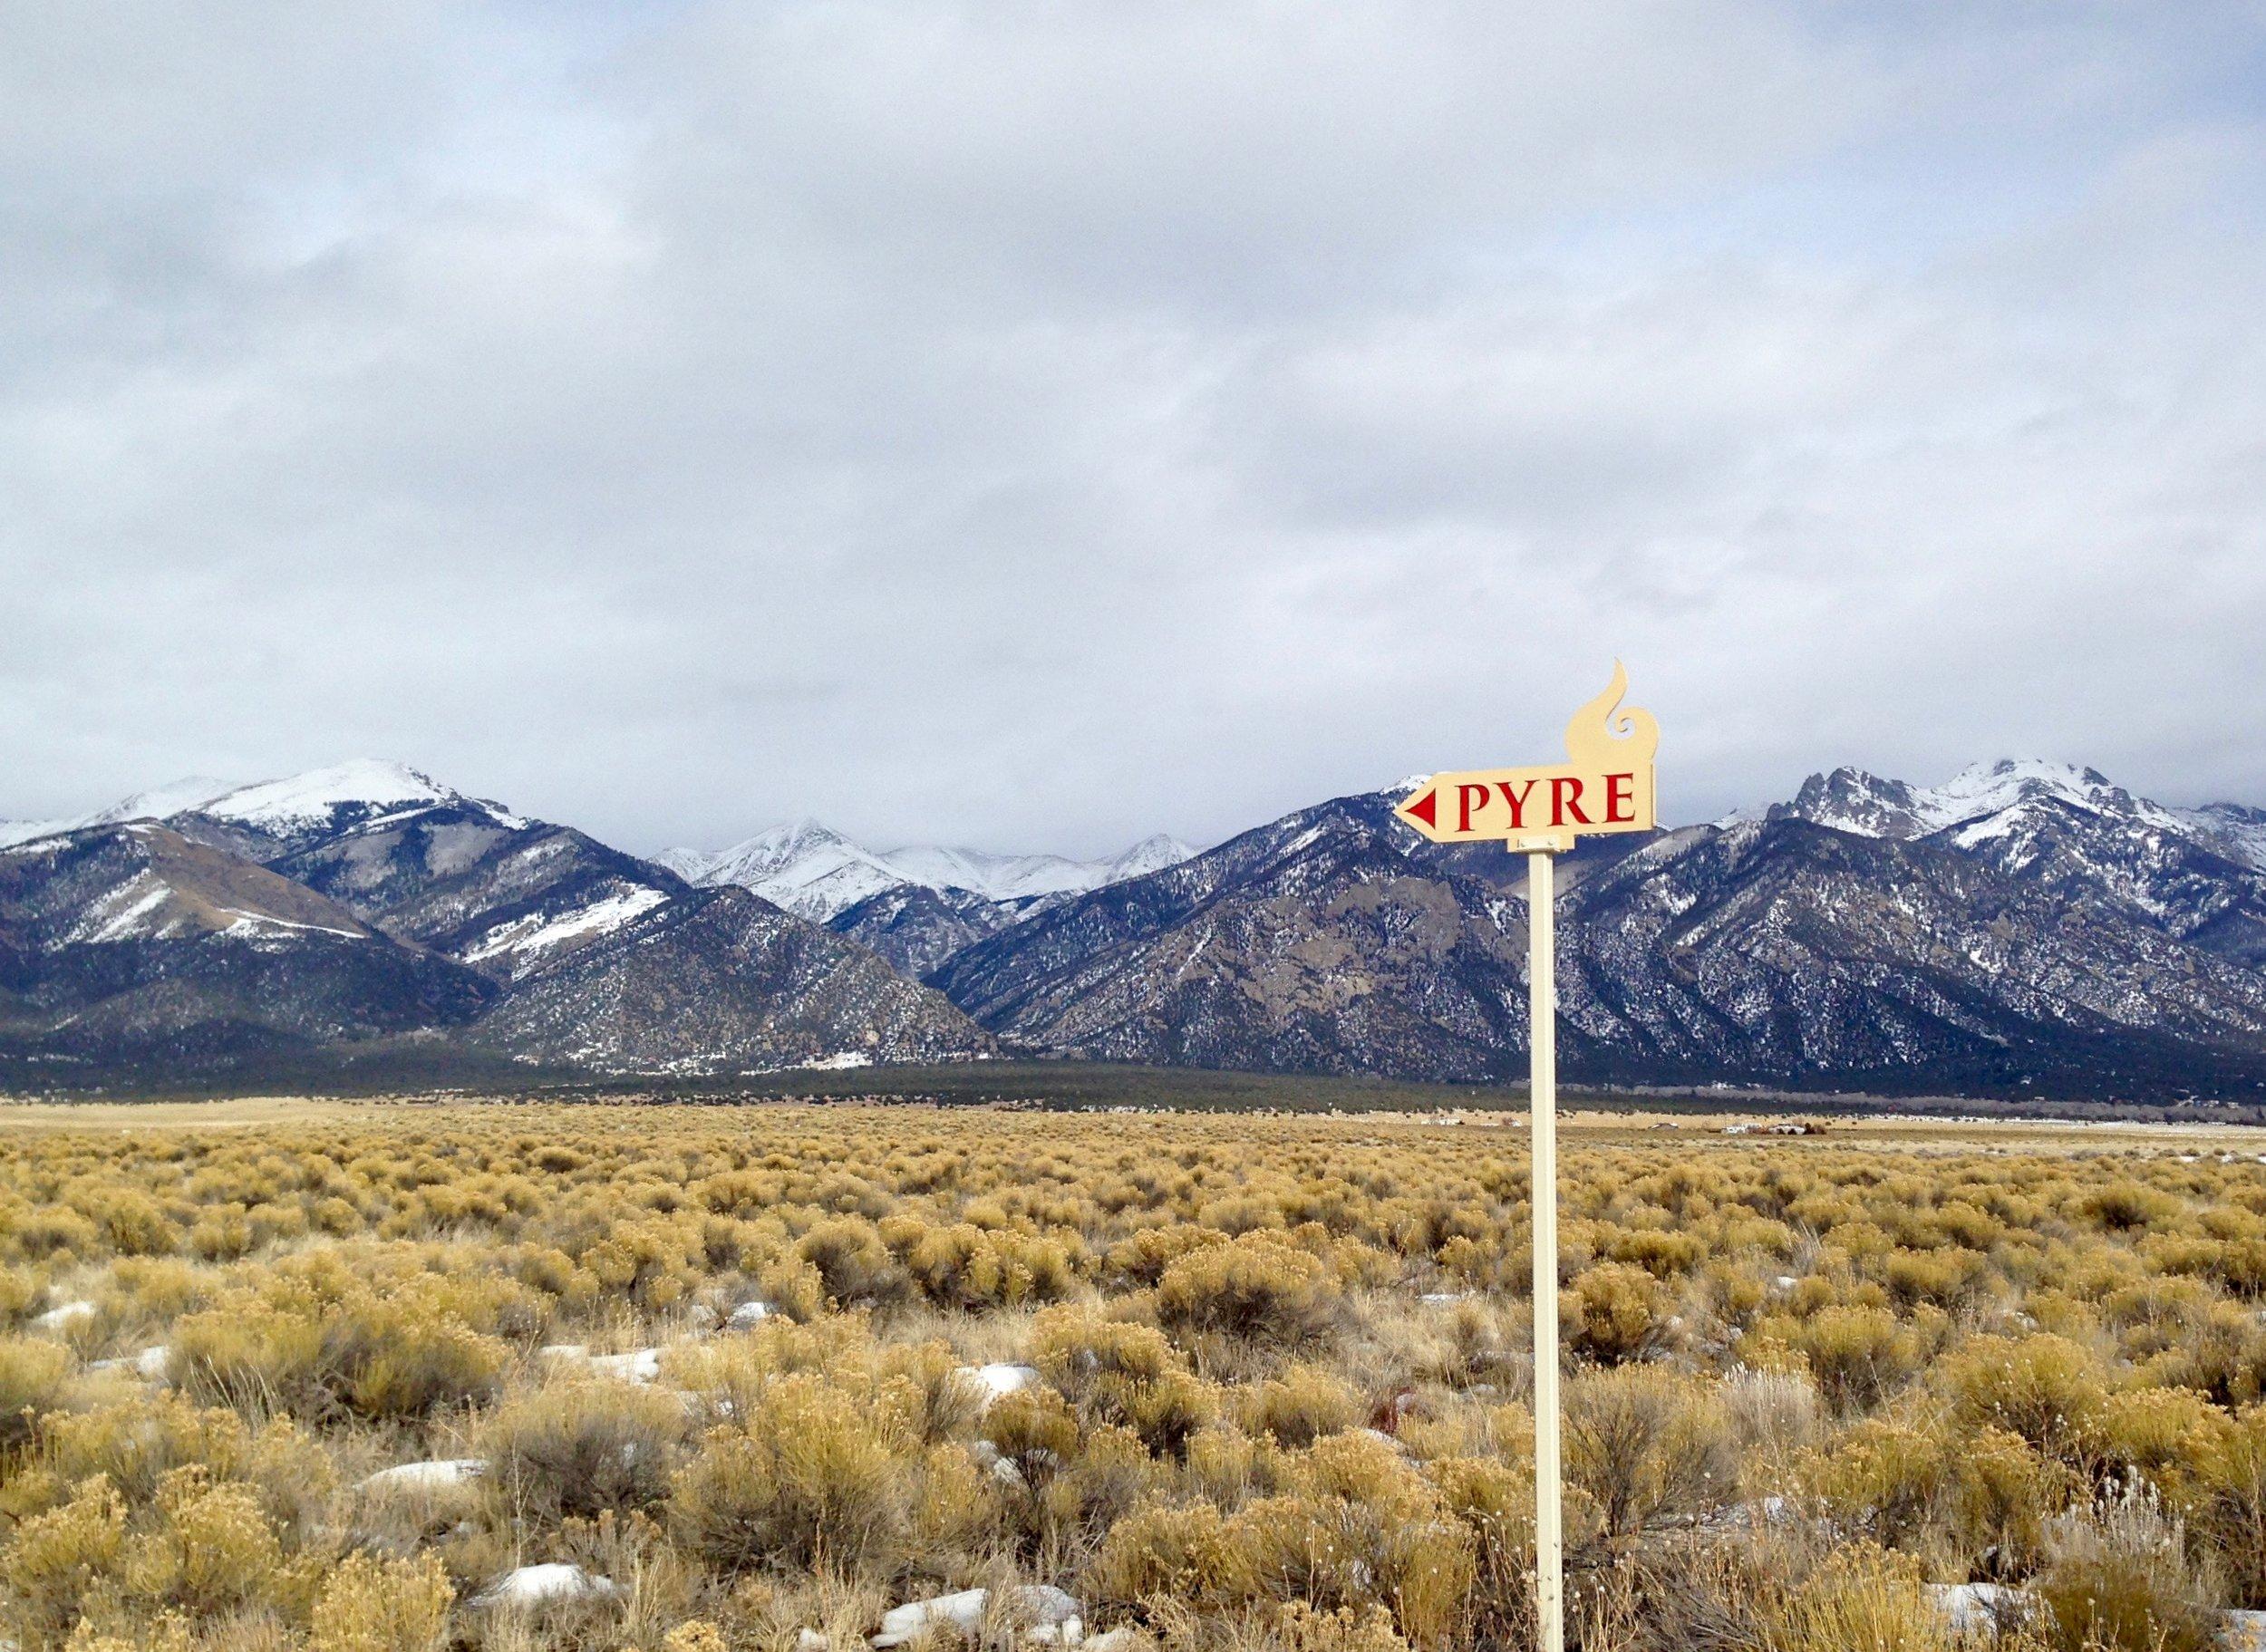 CEOLP-pyre-sign.jpg